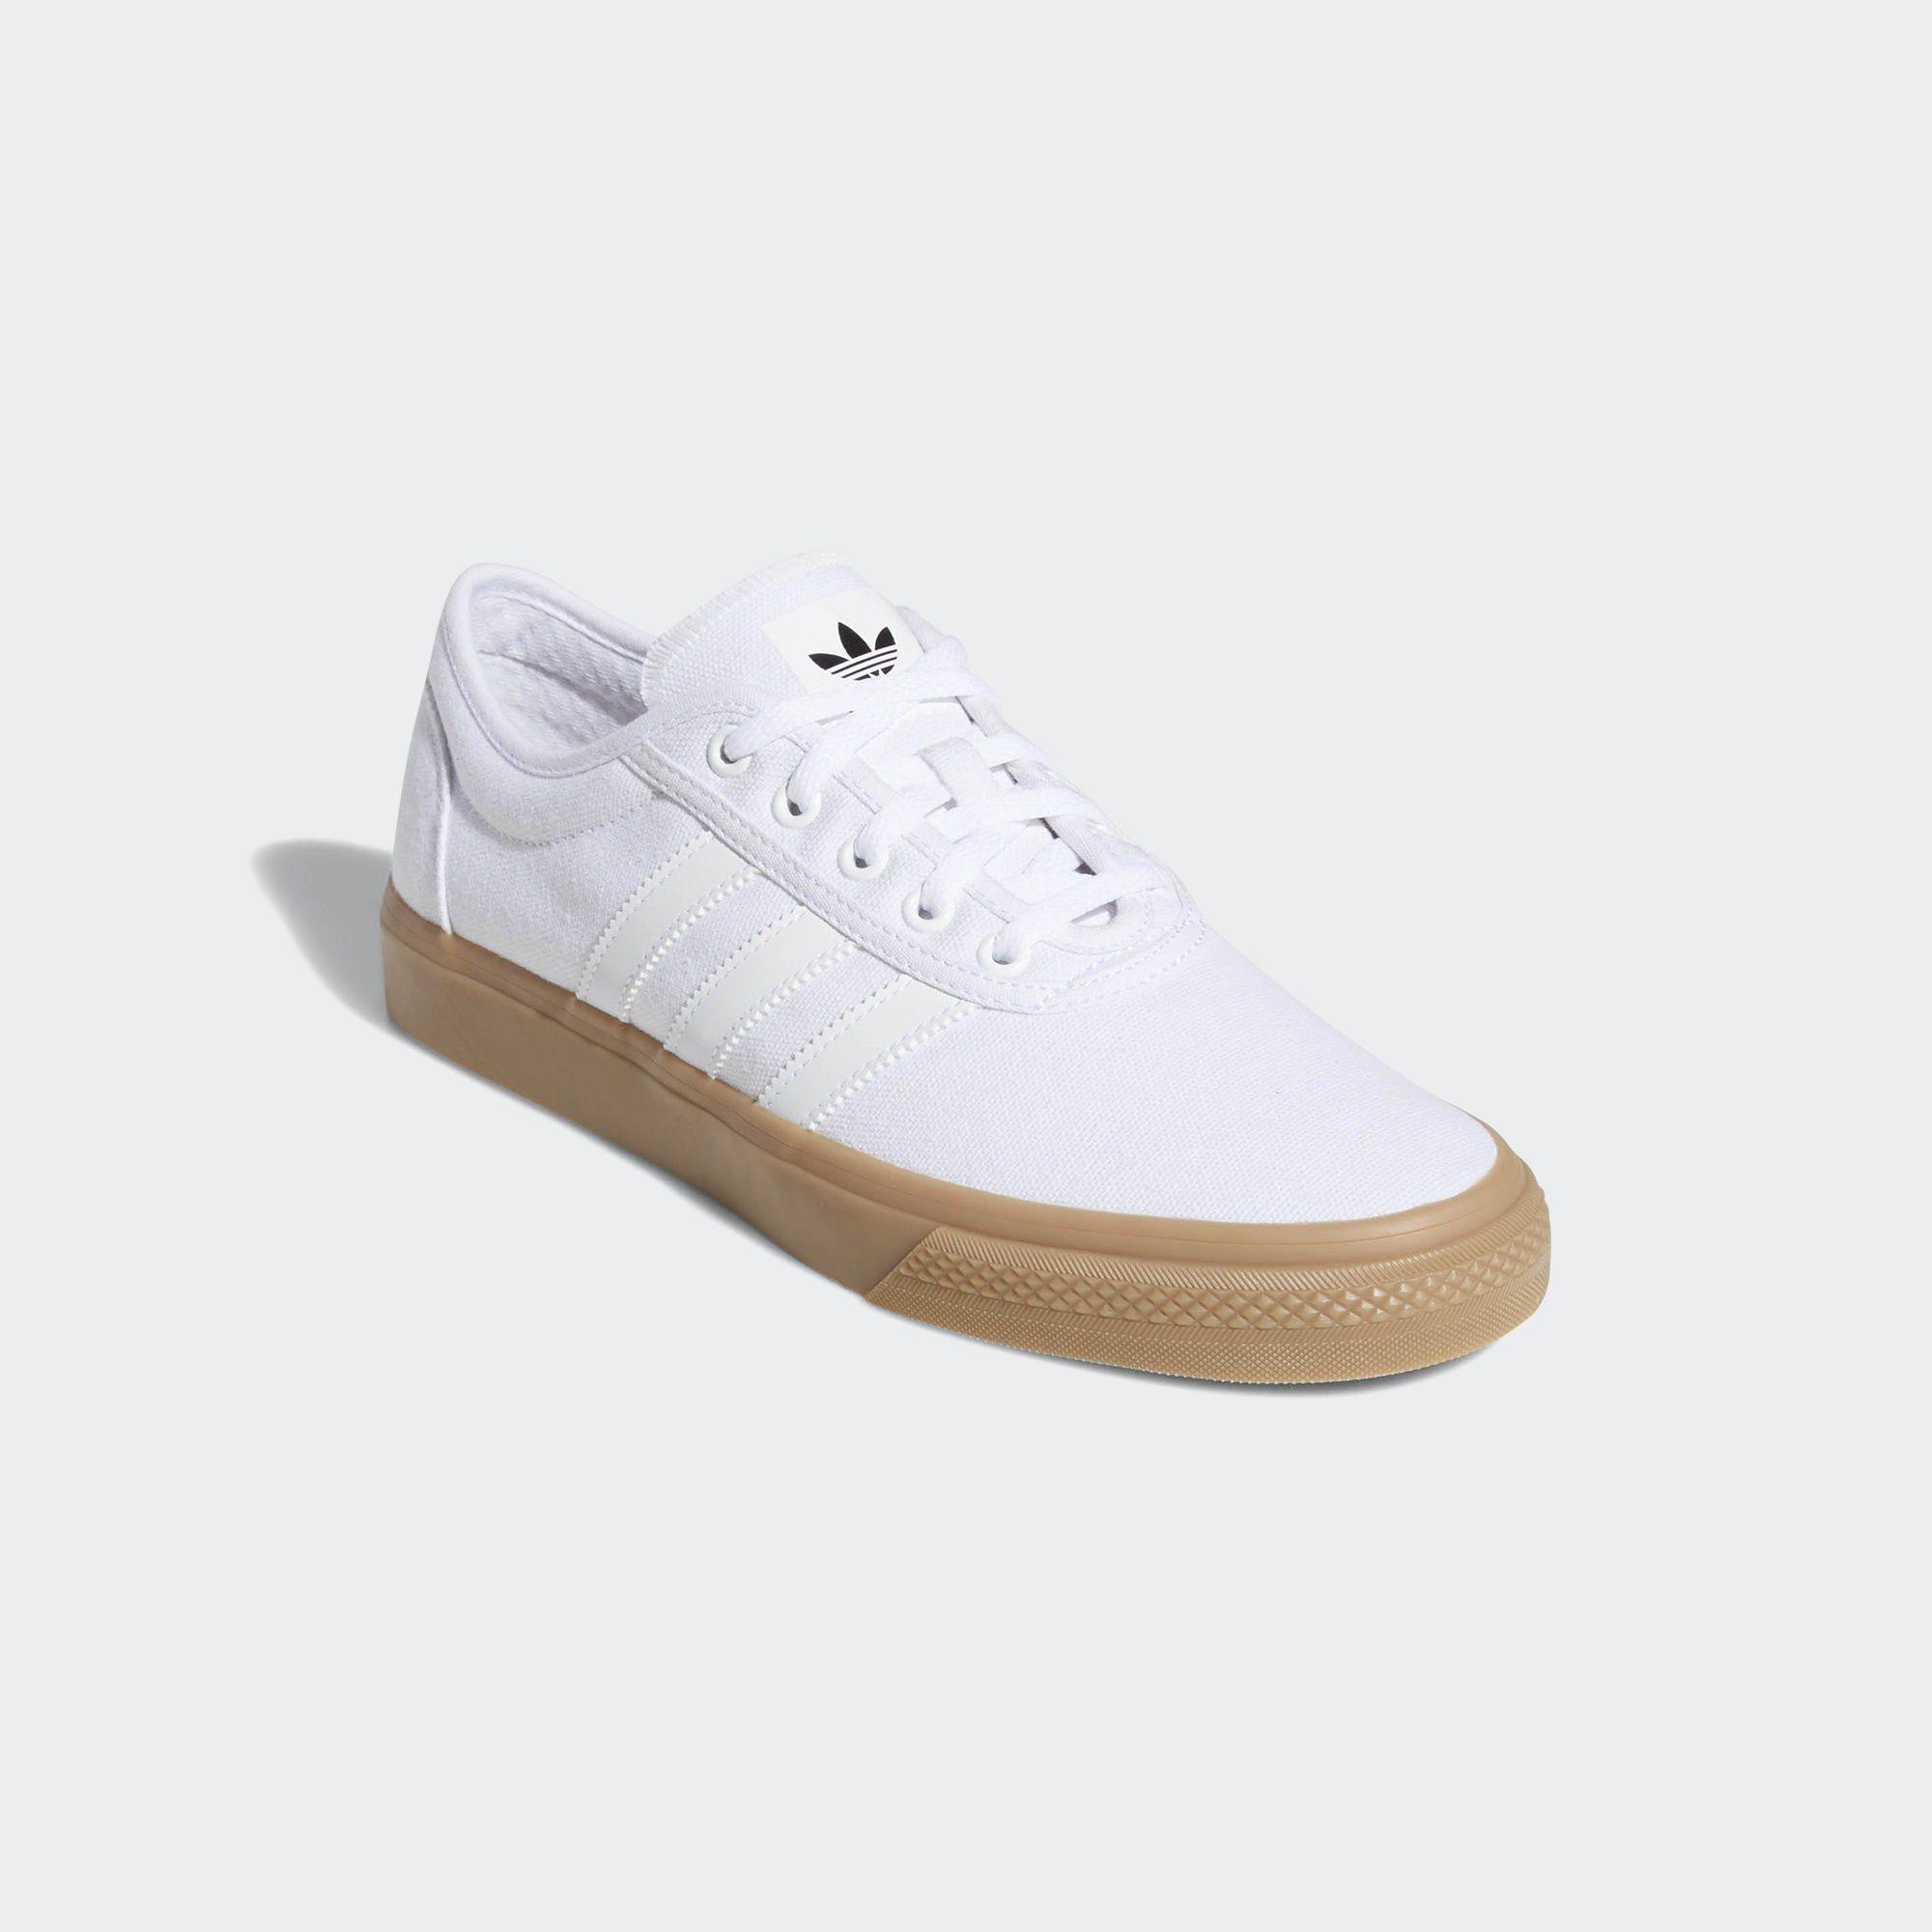 Schuh White Sneaker Originals Kaufen Adiease Adidas 2663126999 nr Artikel 8OEx77W